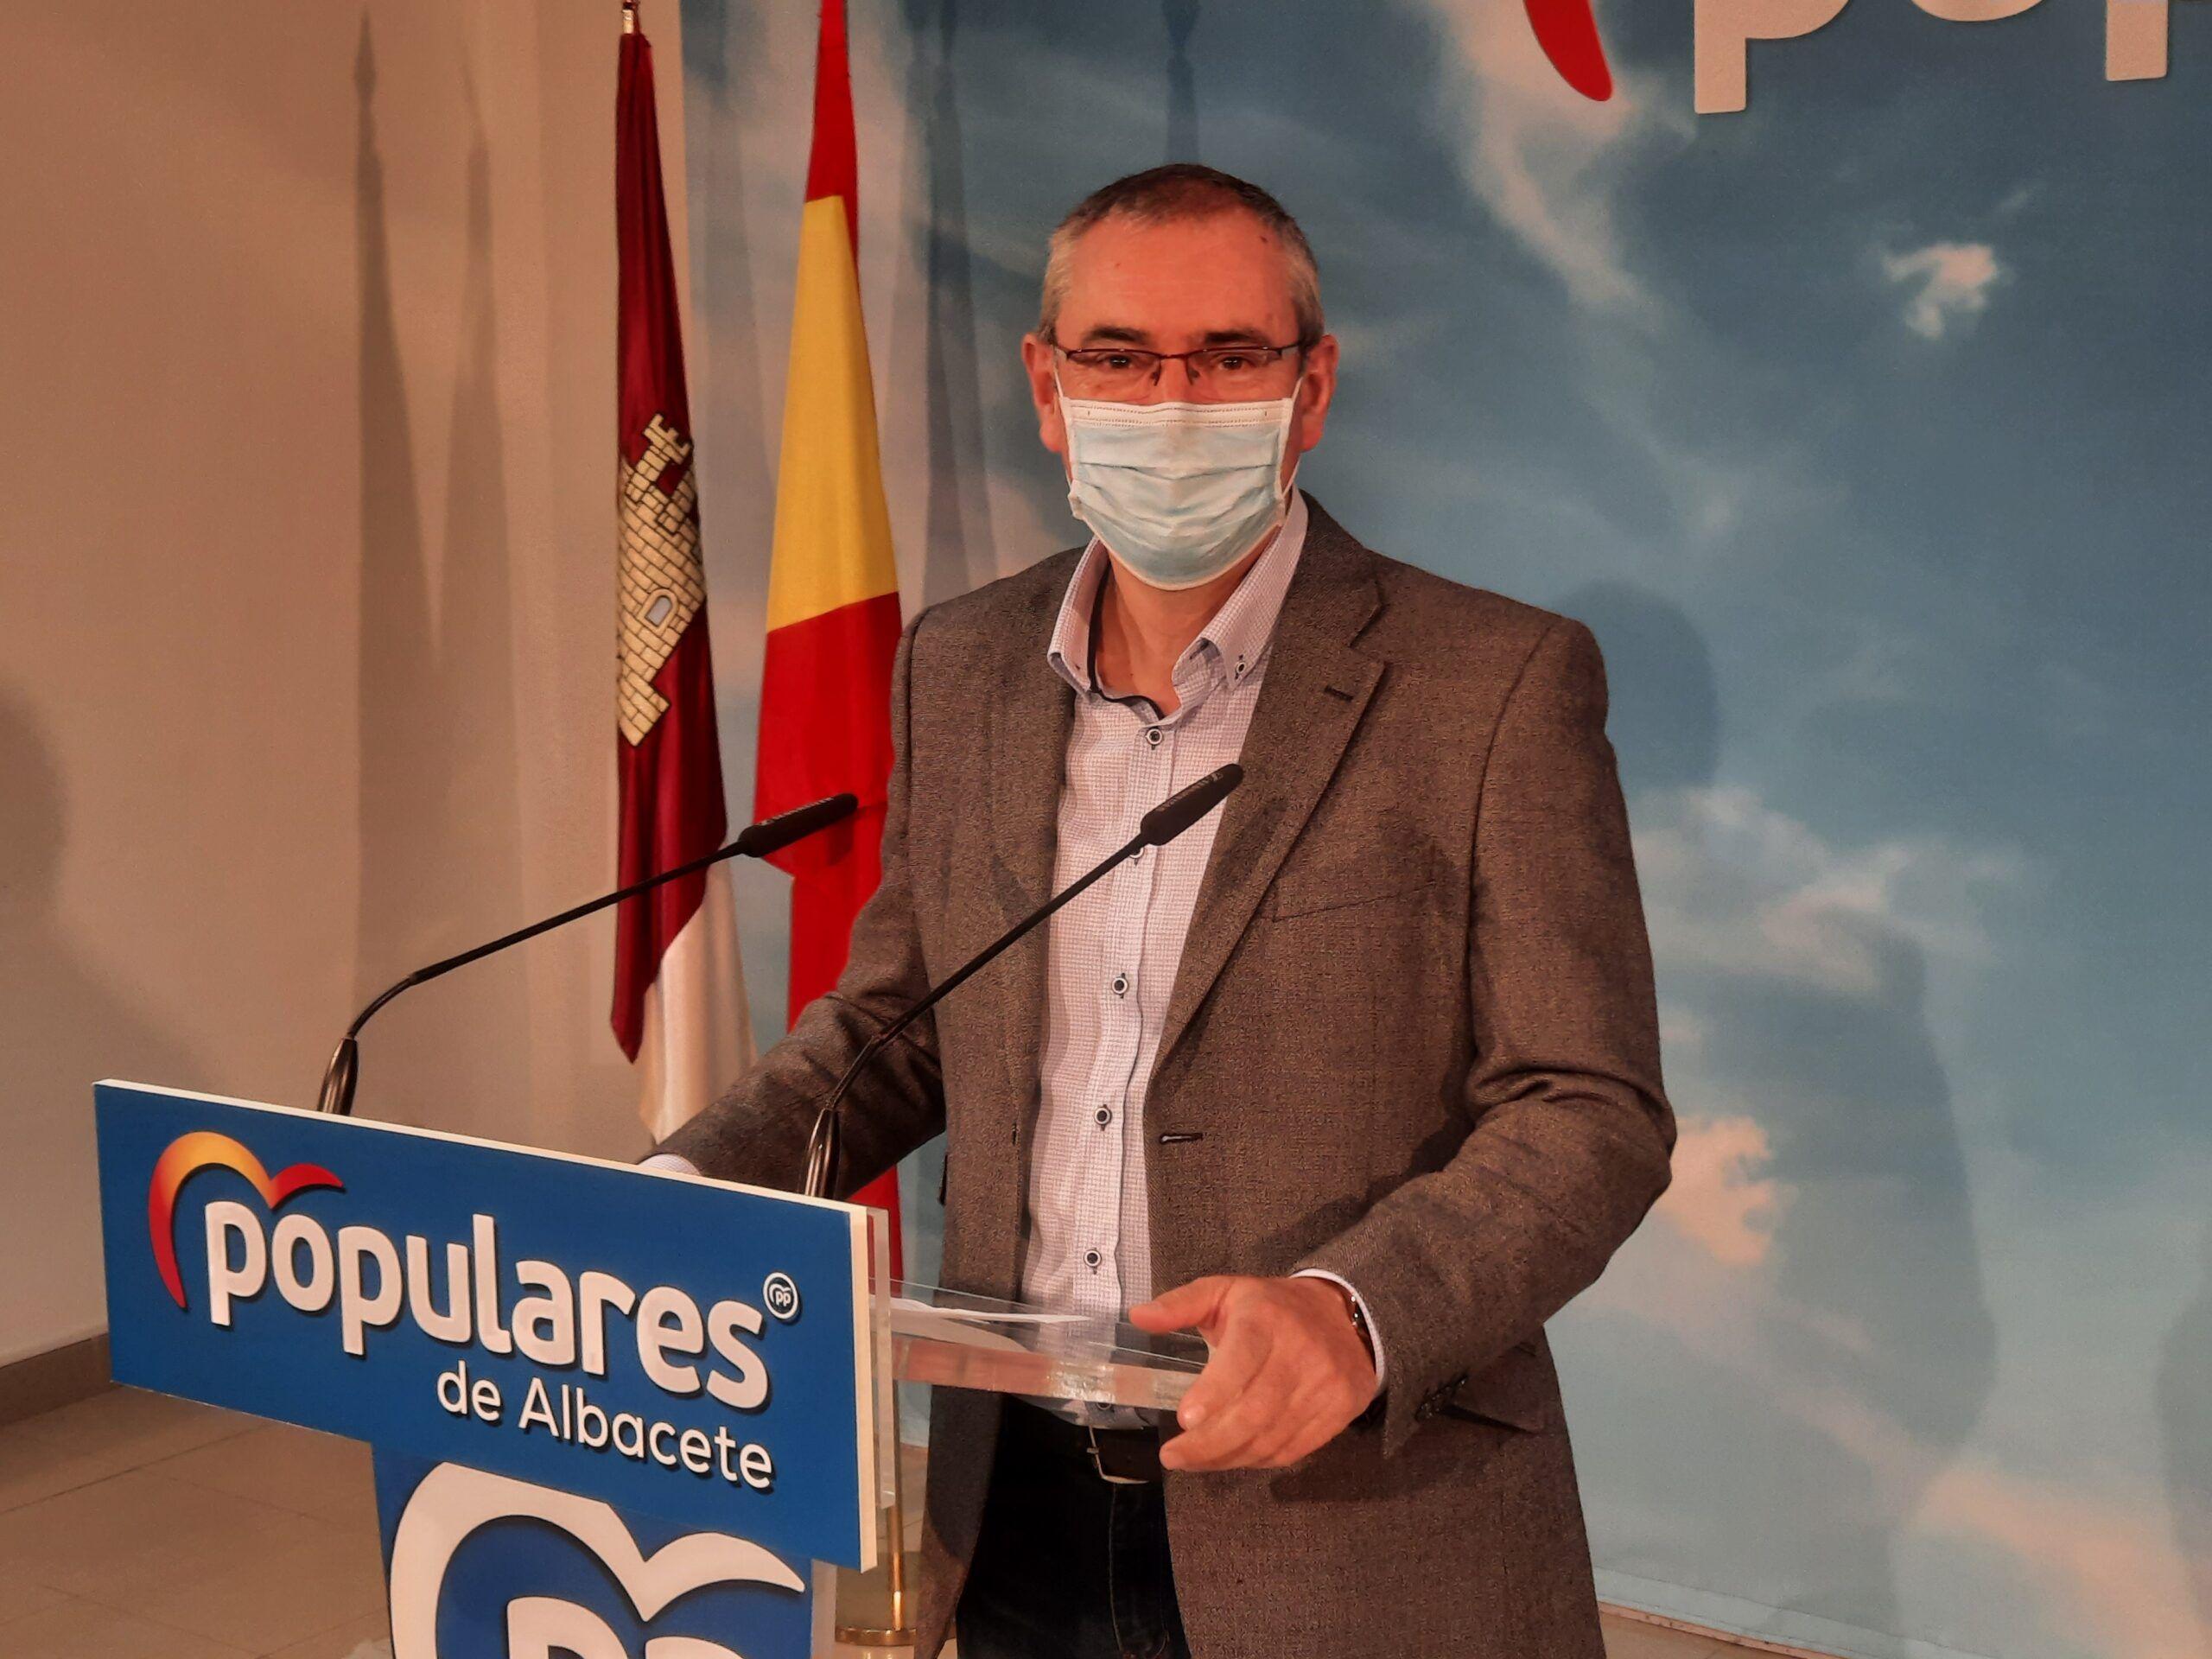 Aroca critica que el dinero que debería ir a sectores económicos de Castilla-La Mancha se destine a rescatar una aerolínea próxima al Gobierno de Venezuela